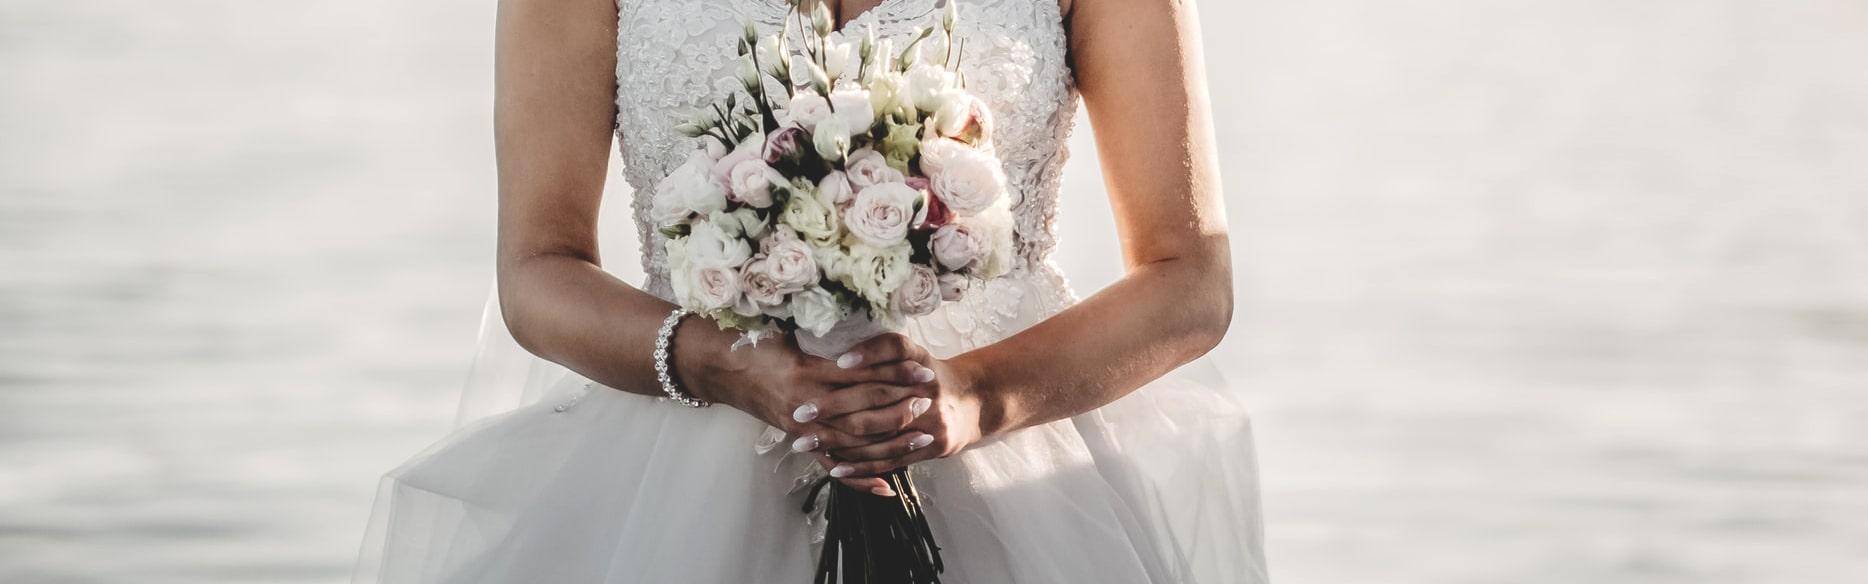 как девушке выйти замуж